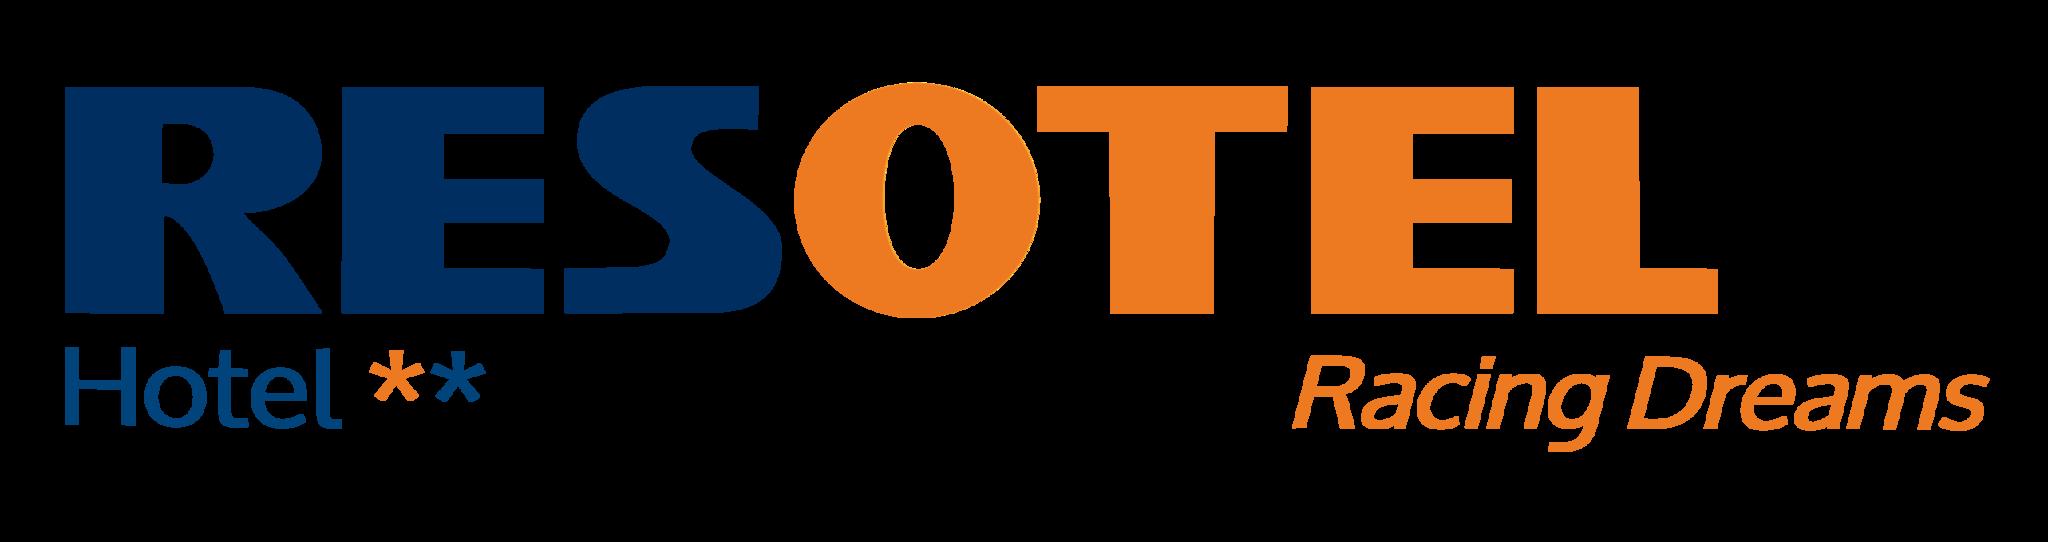 瑞索托酒店